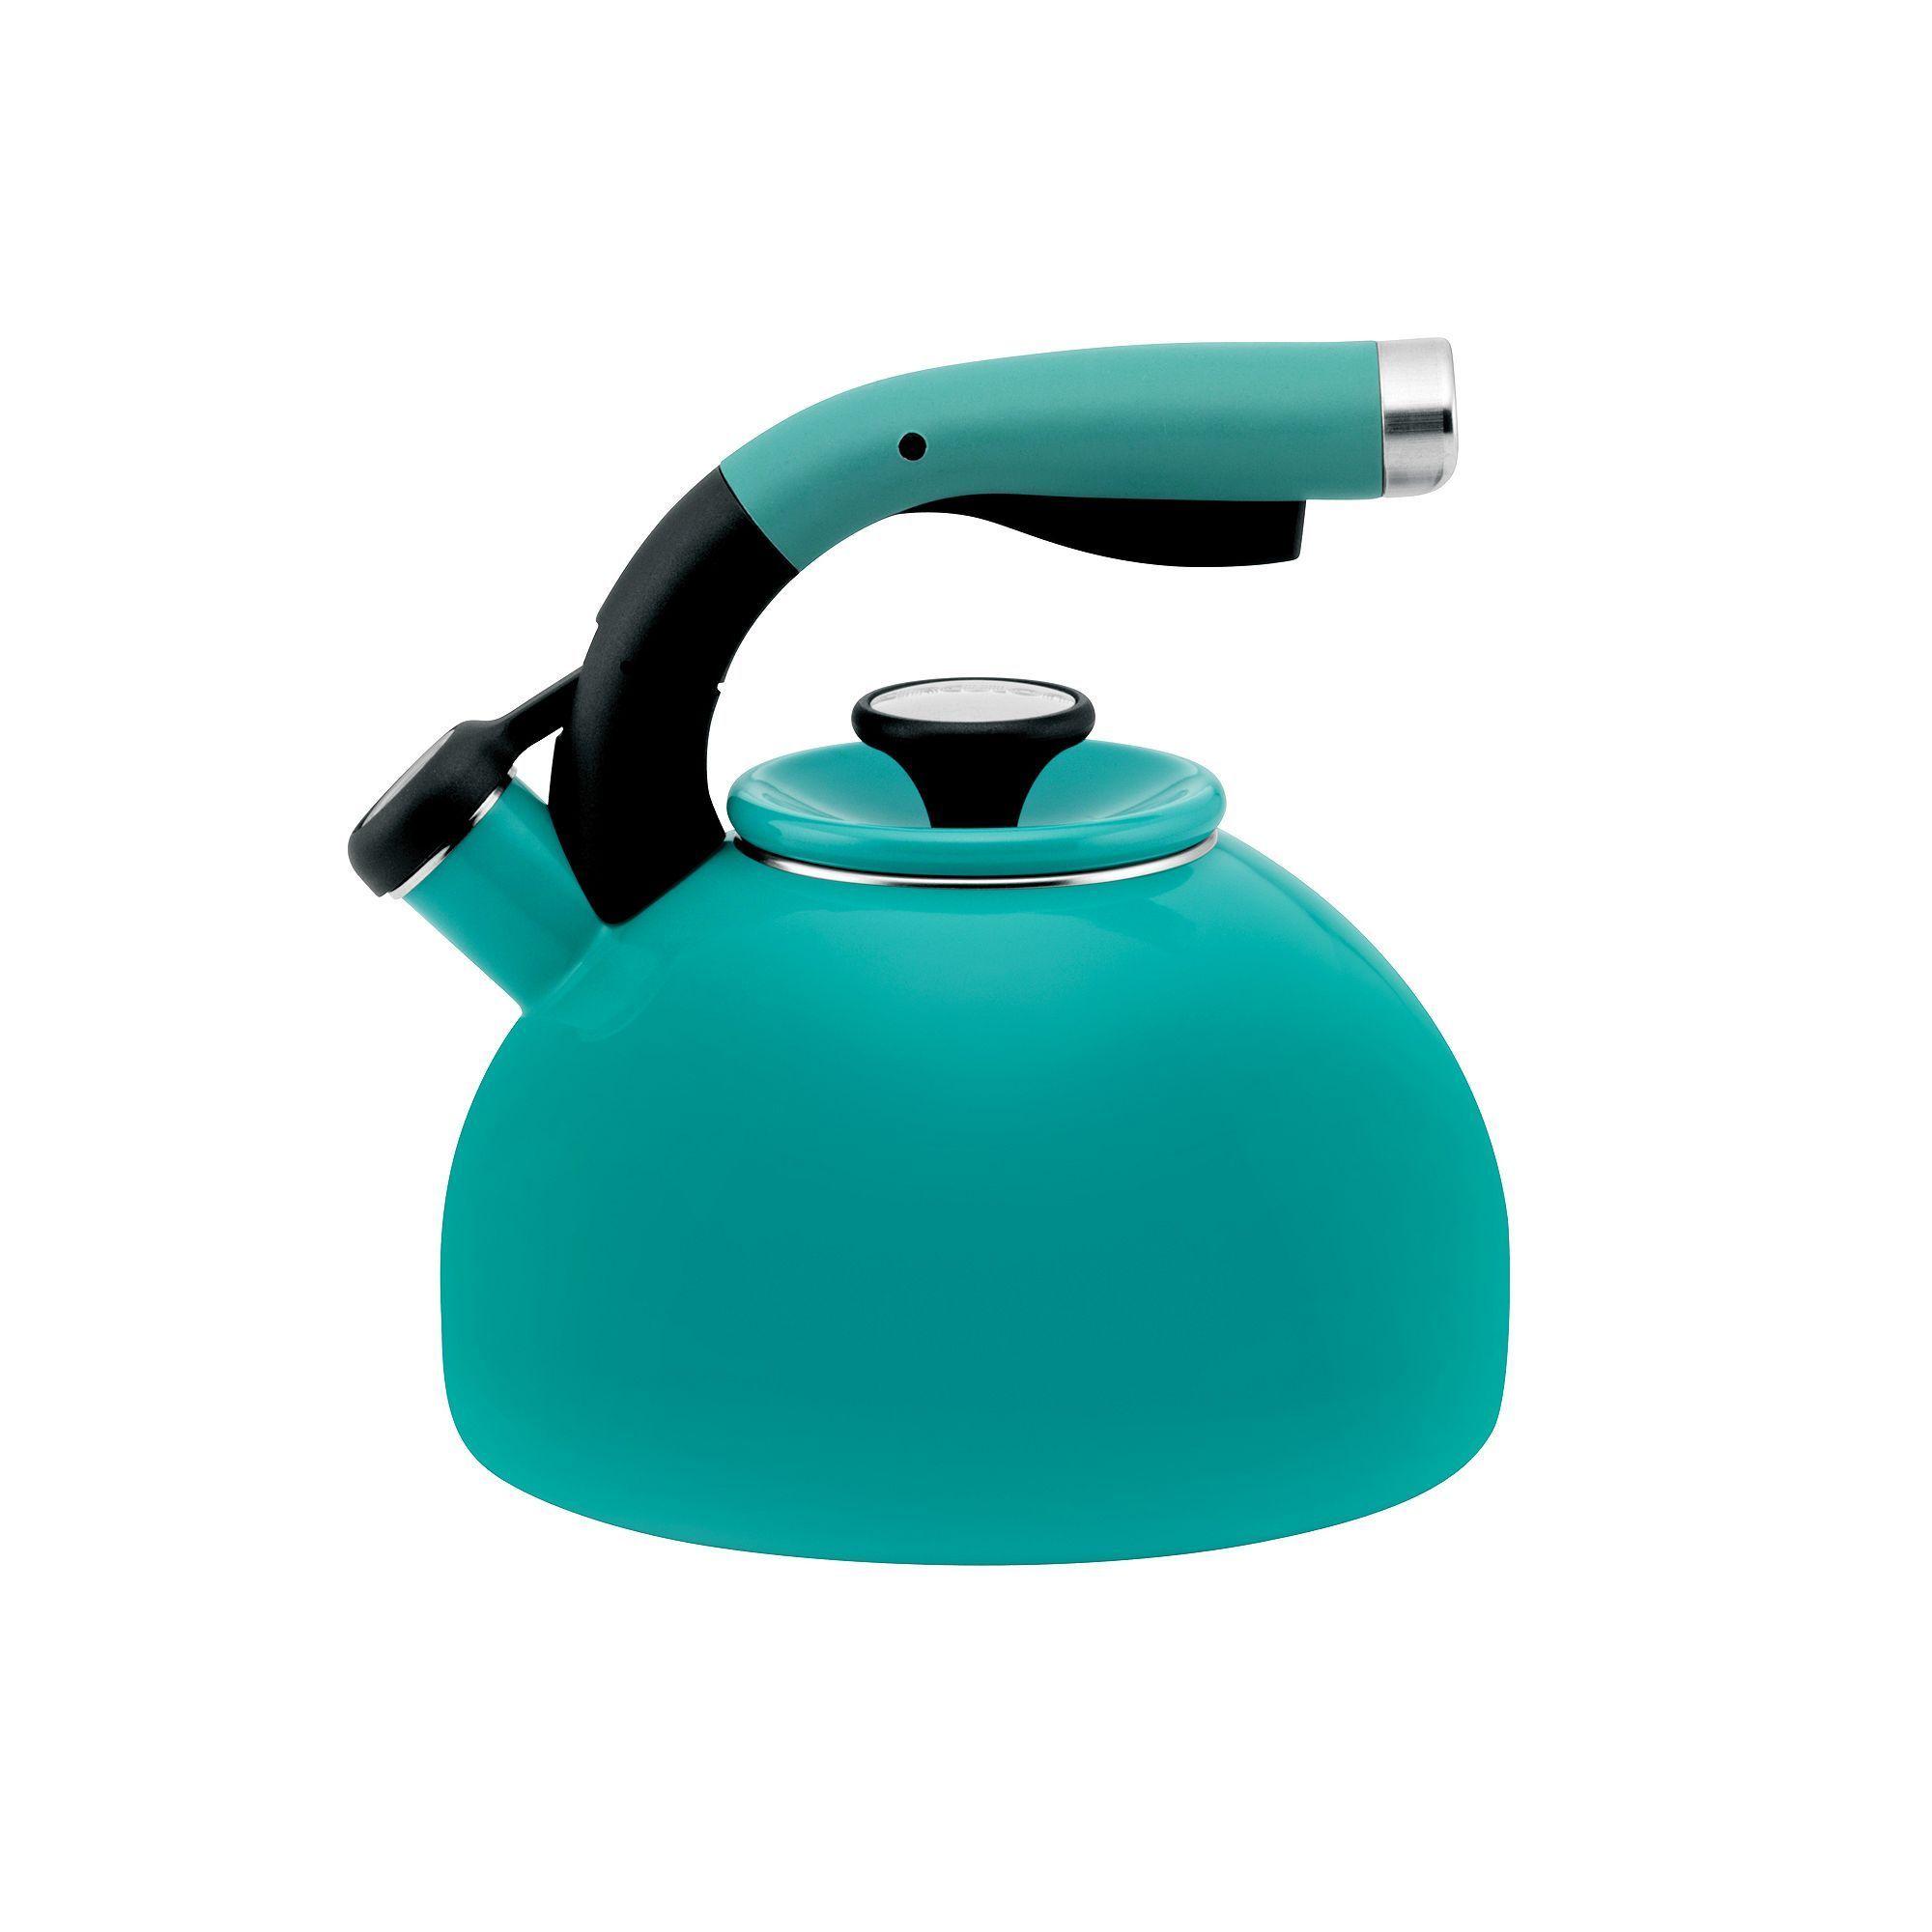 Circulon morning bird 2qt whistling teakettle kettle